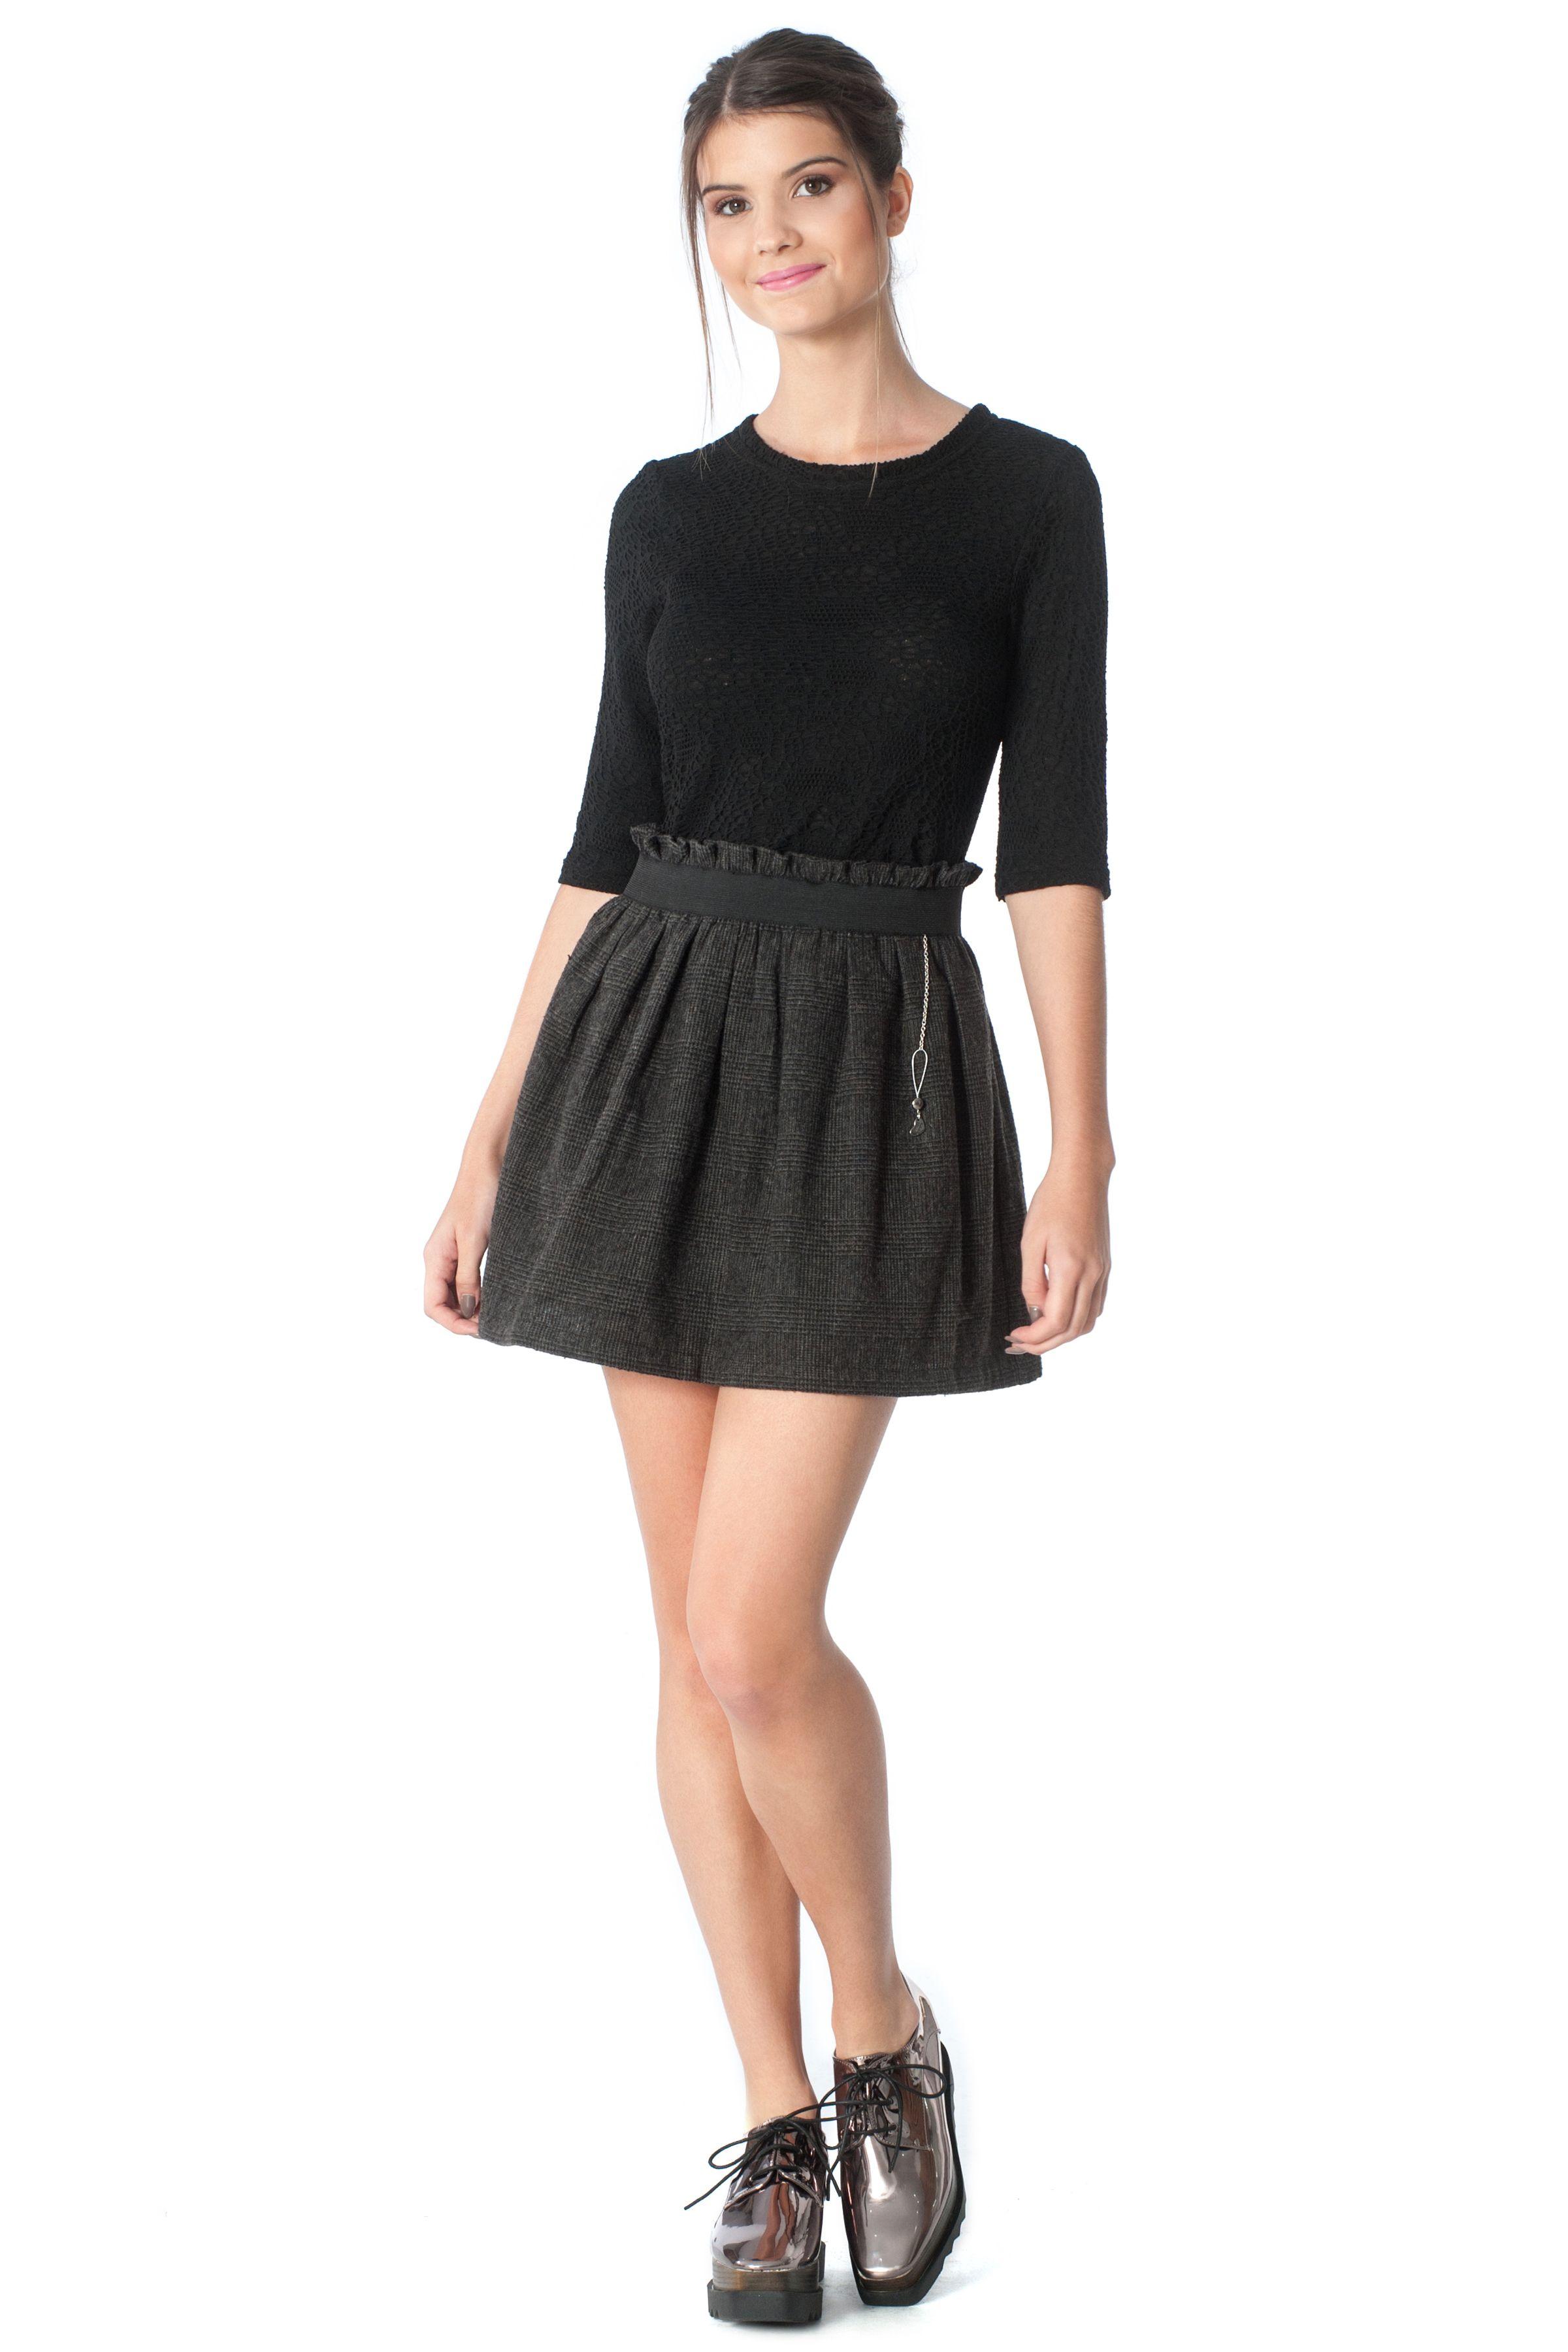 0ebf118b0b9 Γυναικεία σκούρα γκρι, προς το μαύρο, φούστα μινι με λάστιχο ...